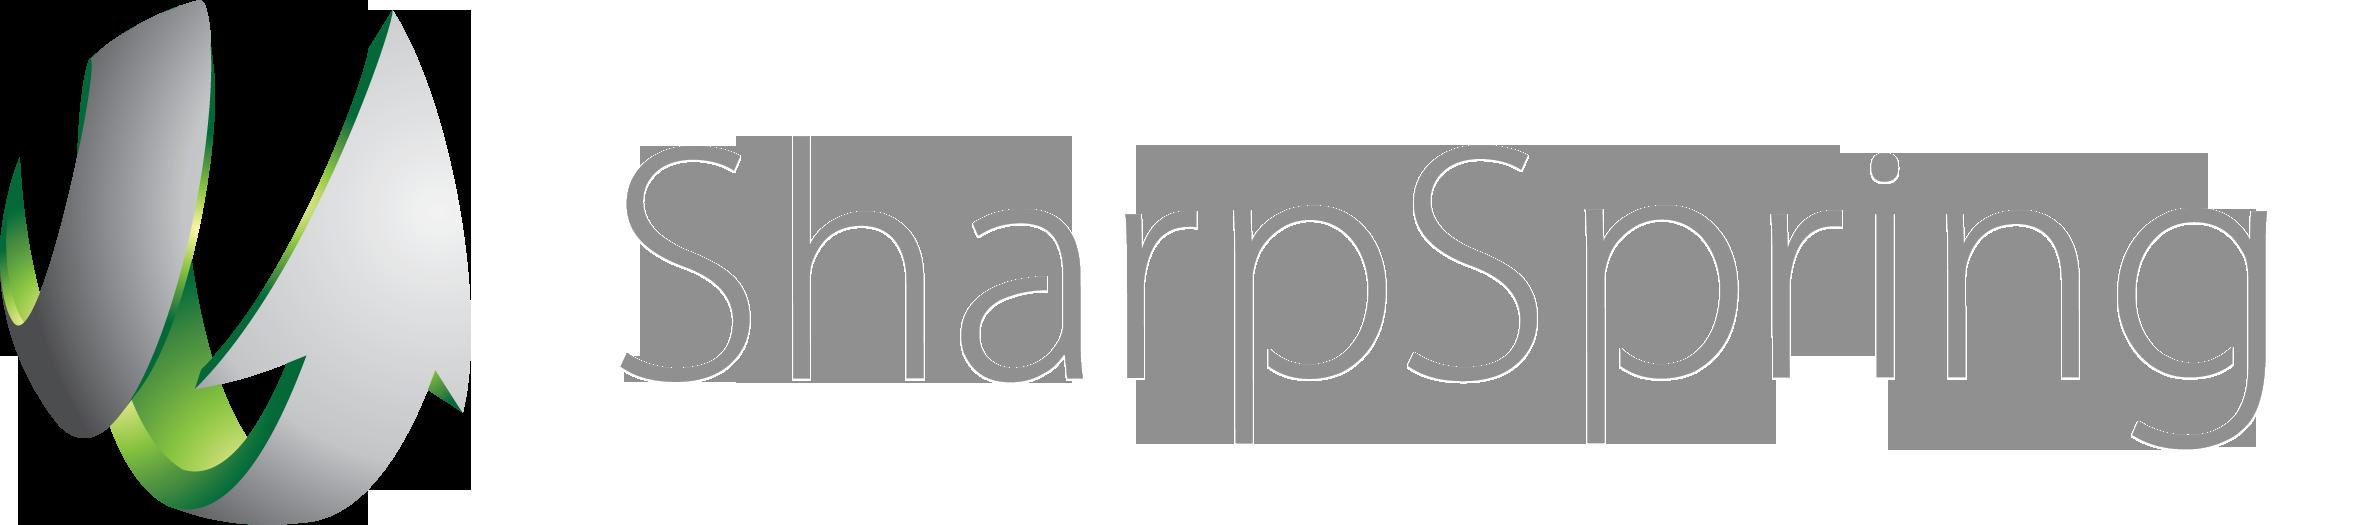 sharpspring logo.png